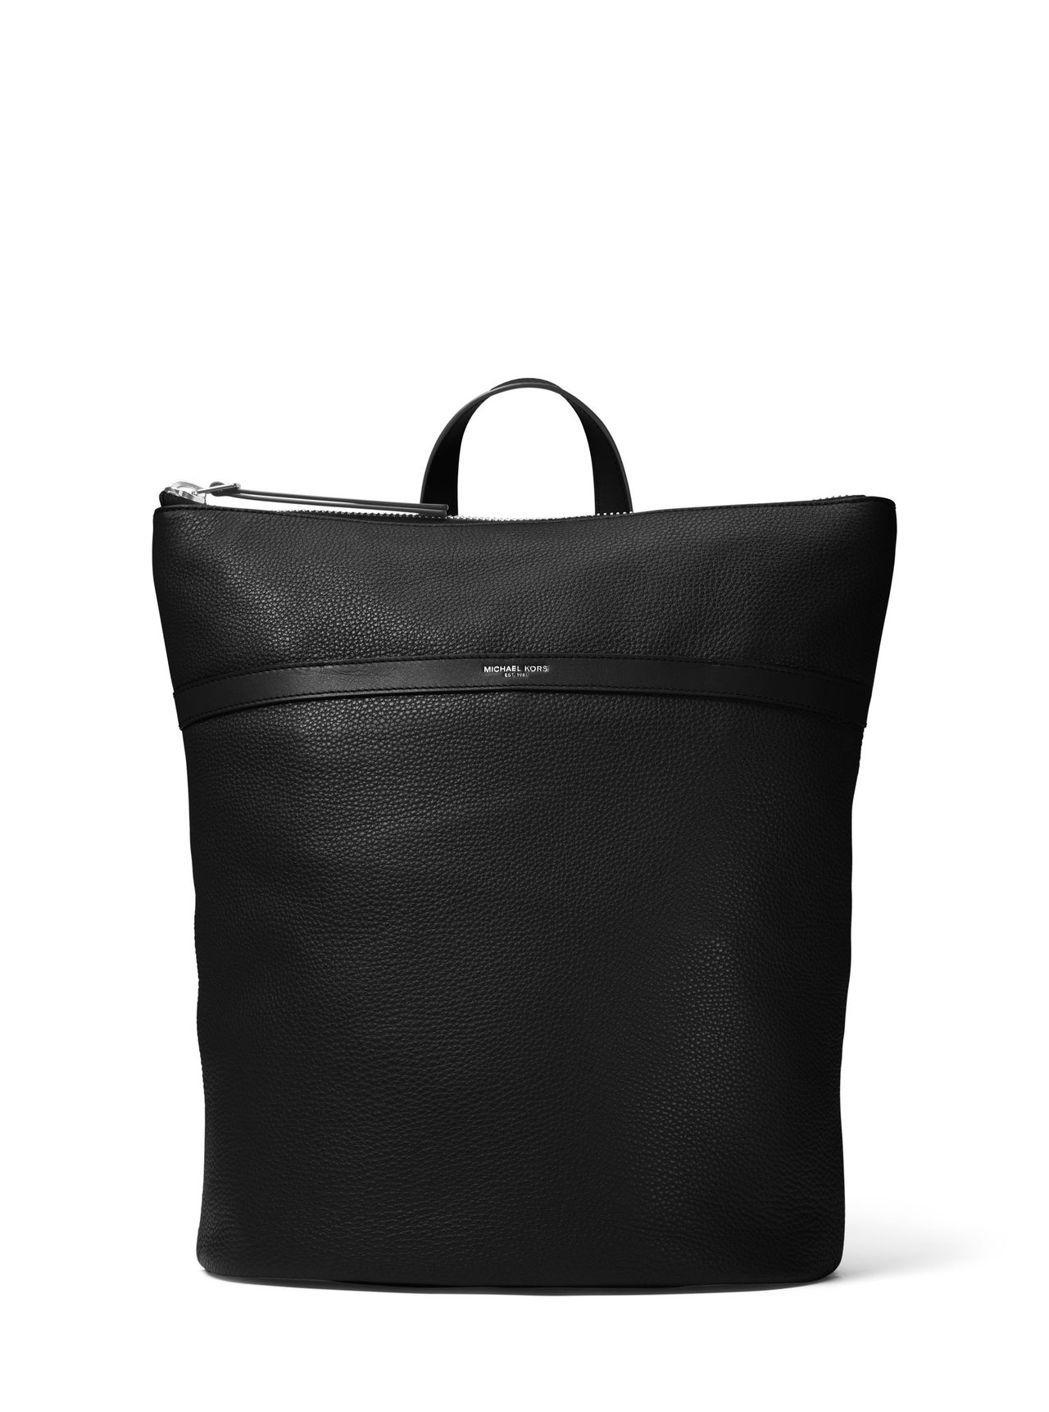 Jeremy黑色後背包,售價35,500元。圖/MICHAEL KORS提供